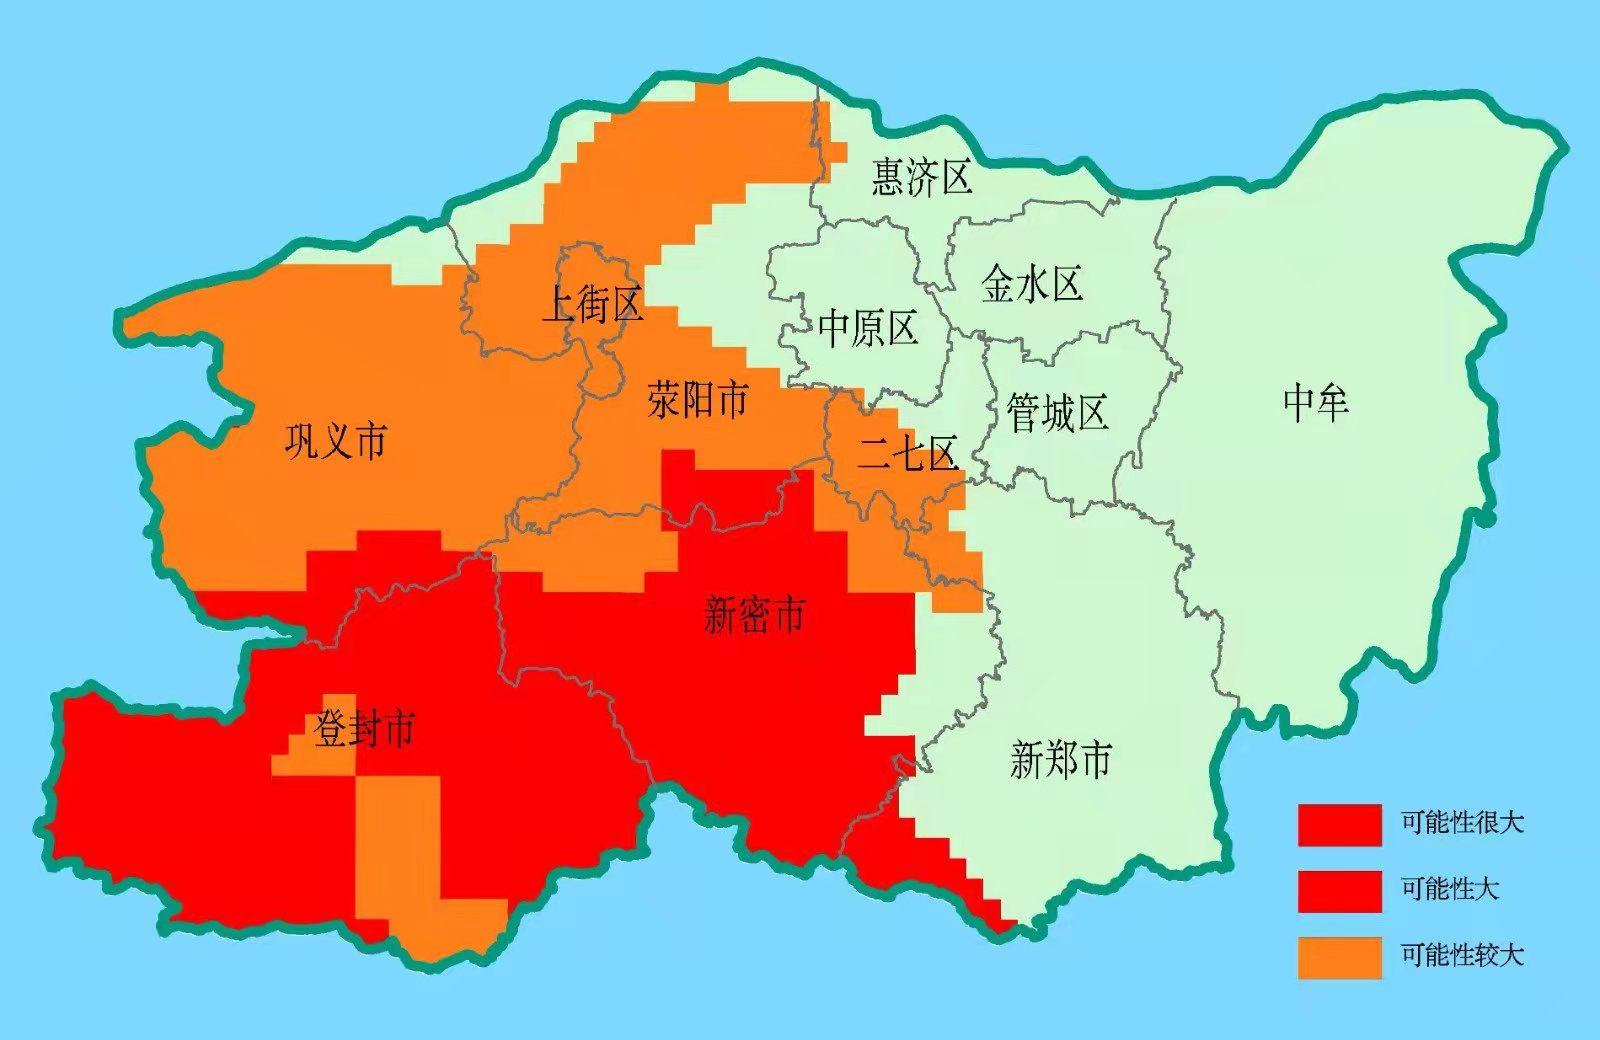 地质灾害红色预警!郑州这些区域需防范